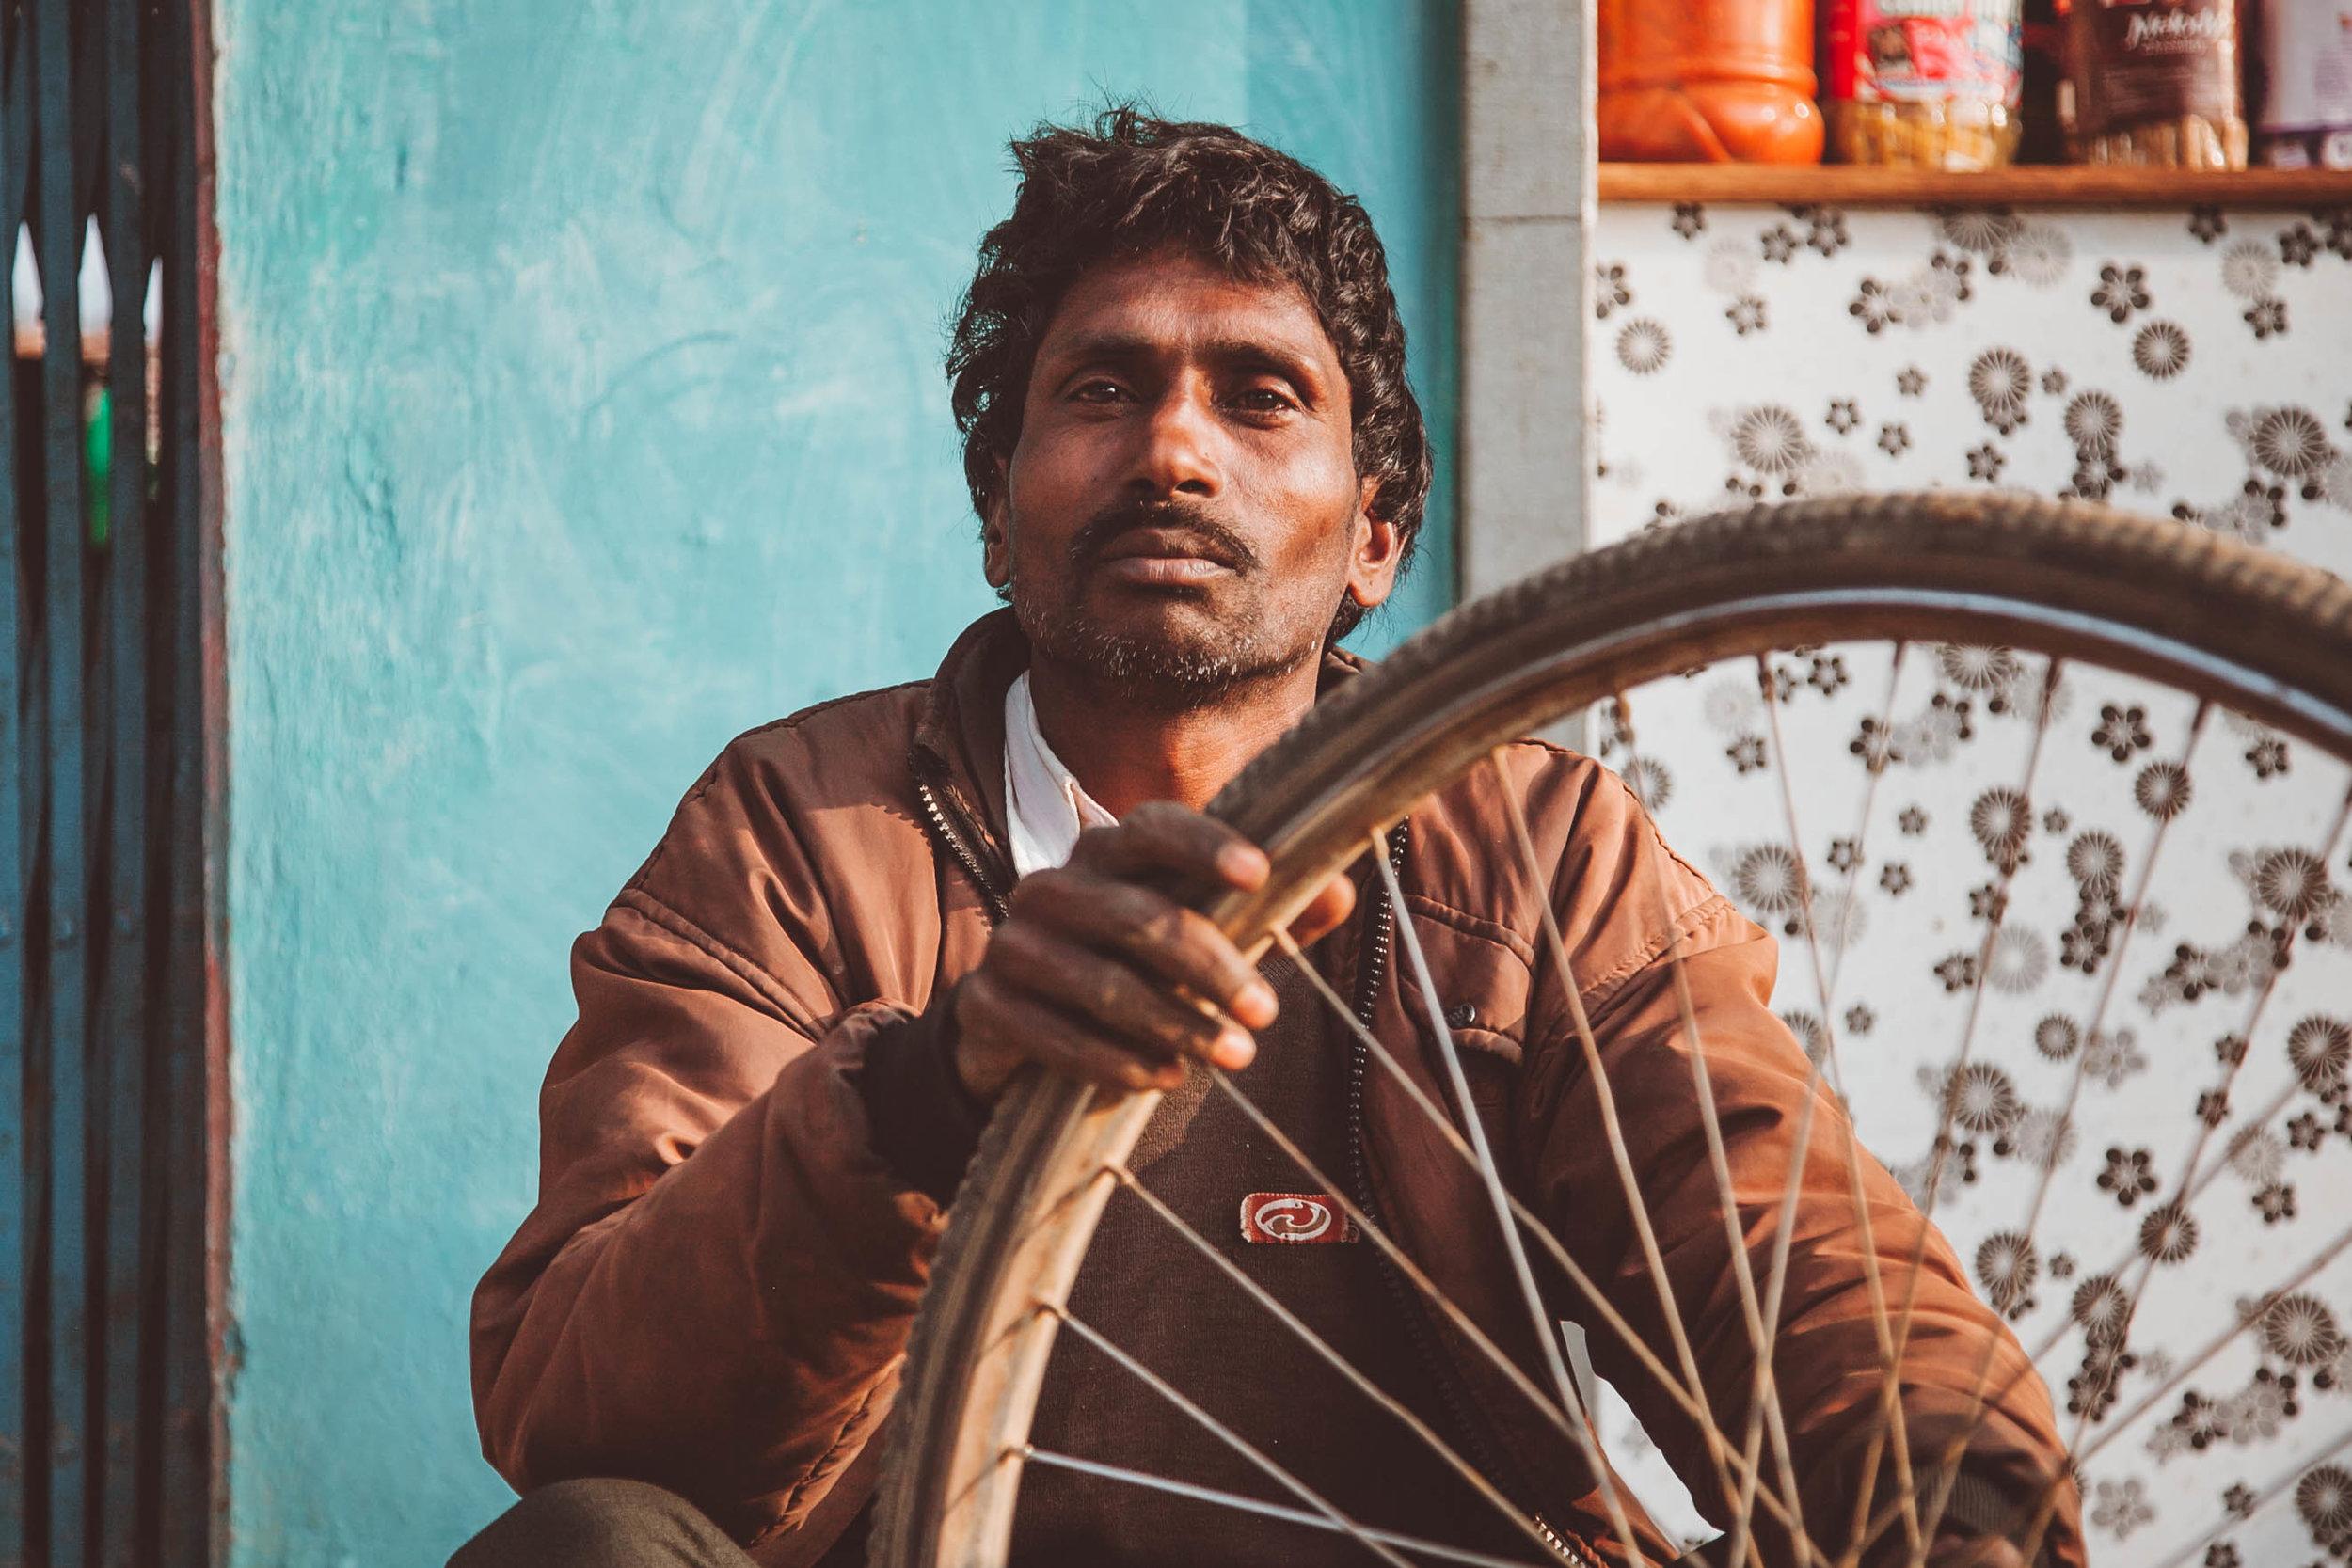 Baiga Tribesman in India